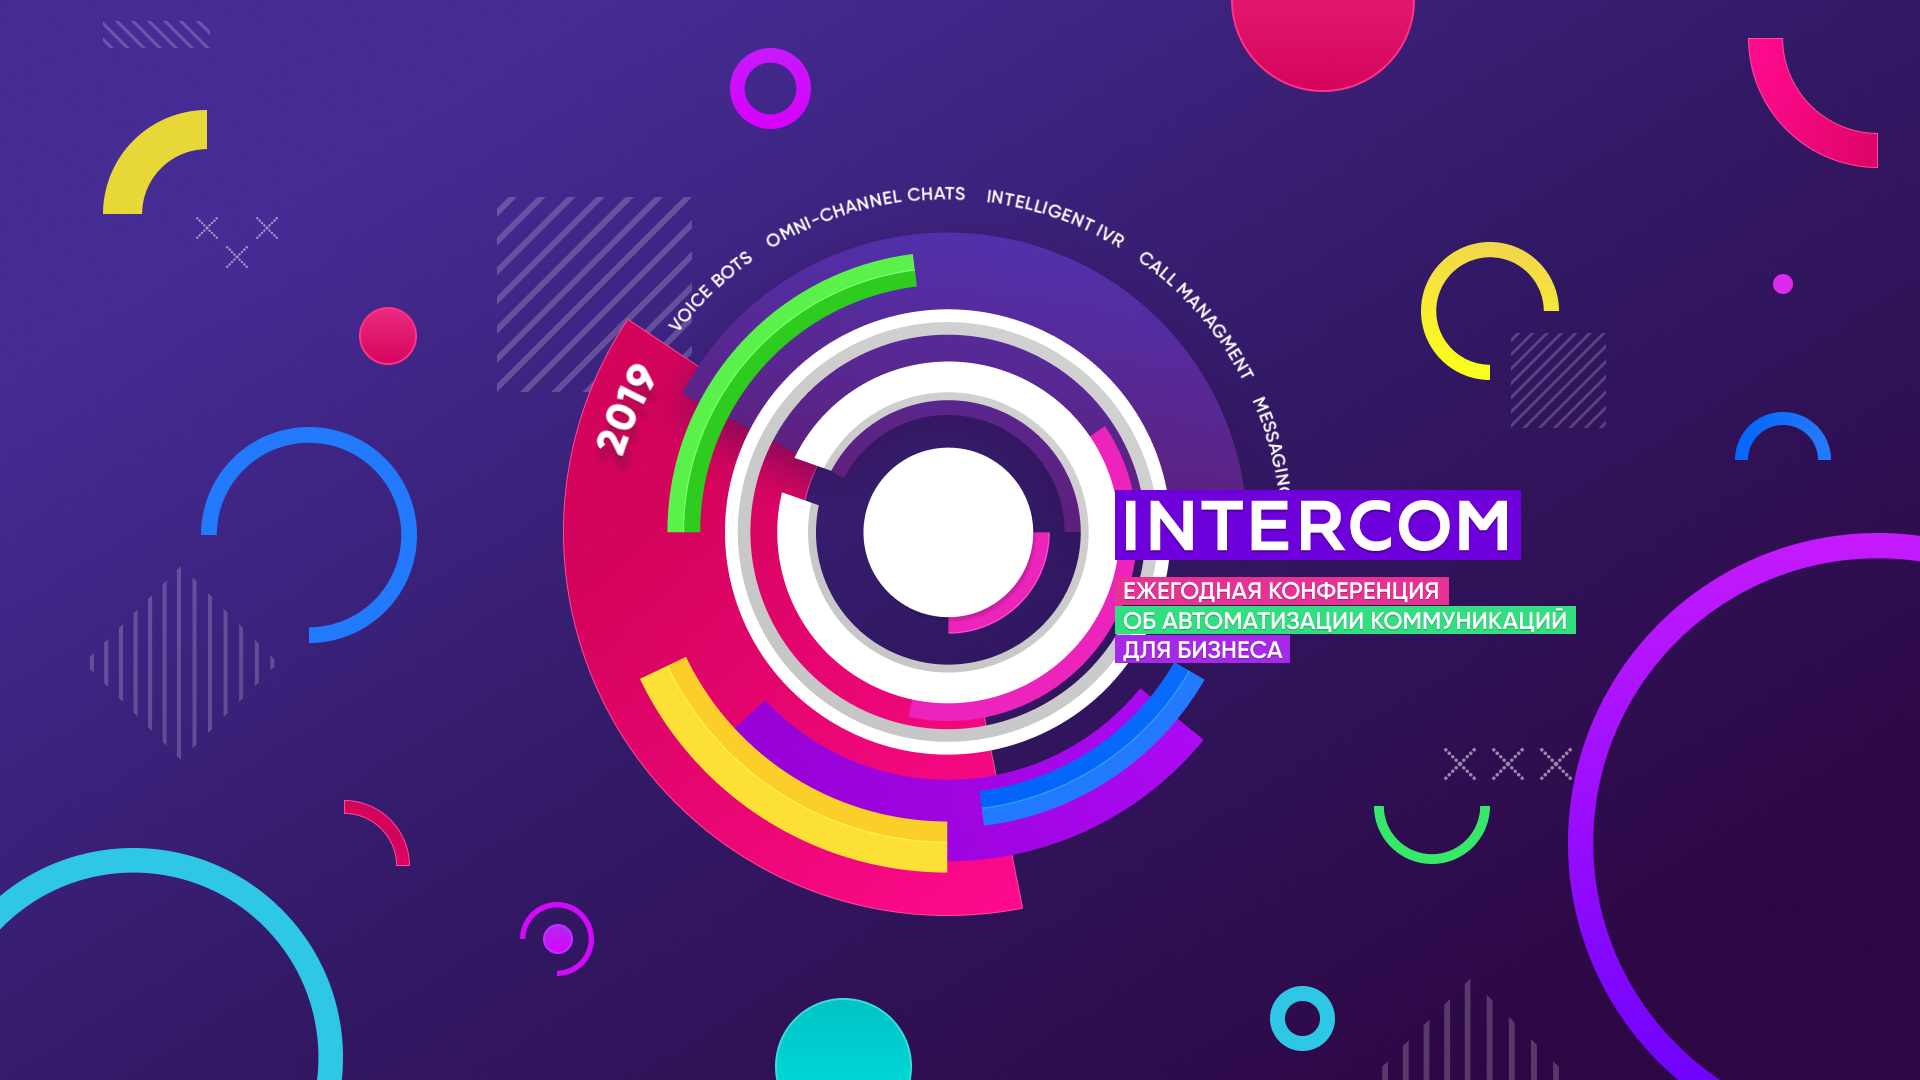 14 ноября пройдет Intercom'19 — конференция об автоматизации коммуникаций от Voximplant